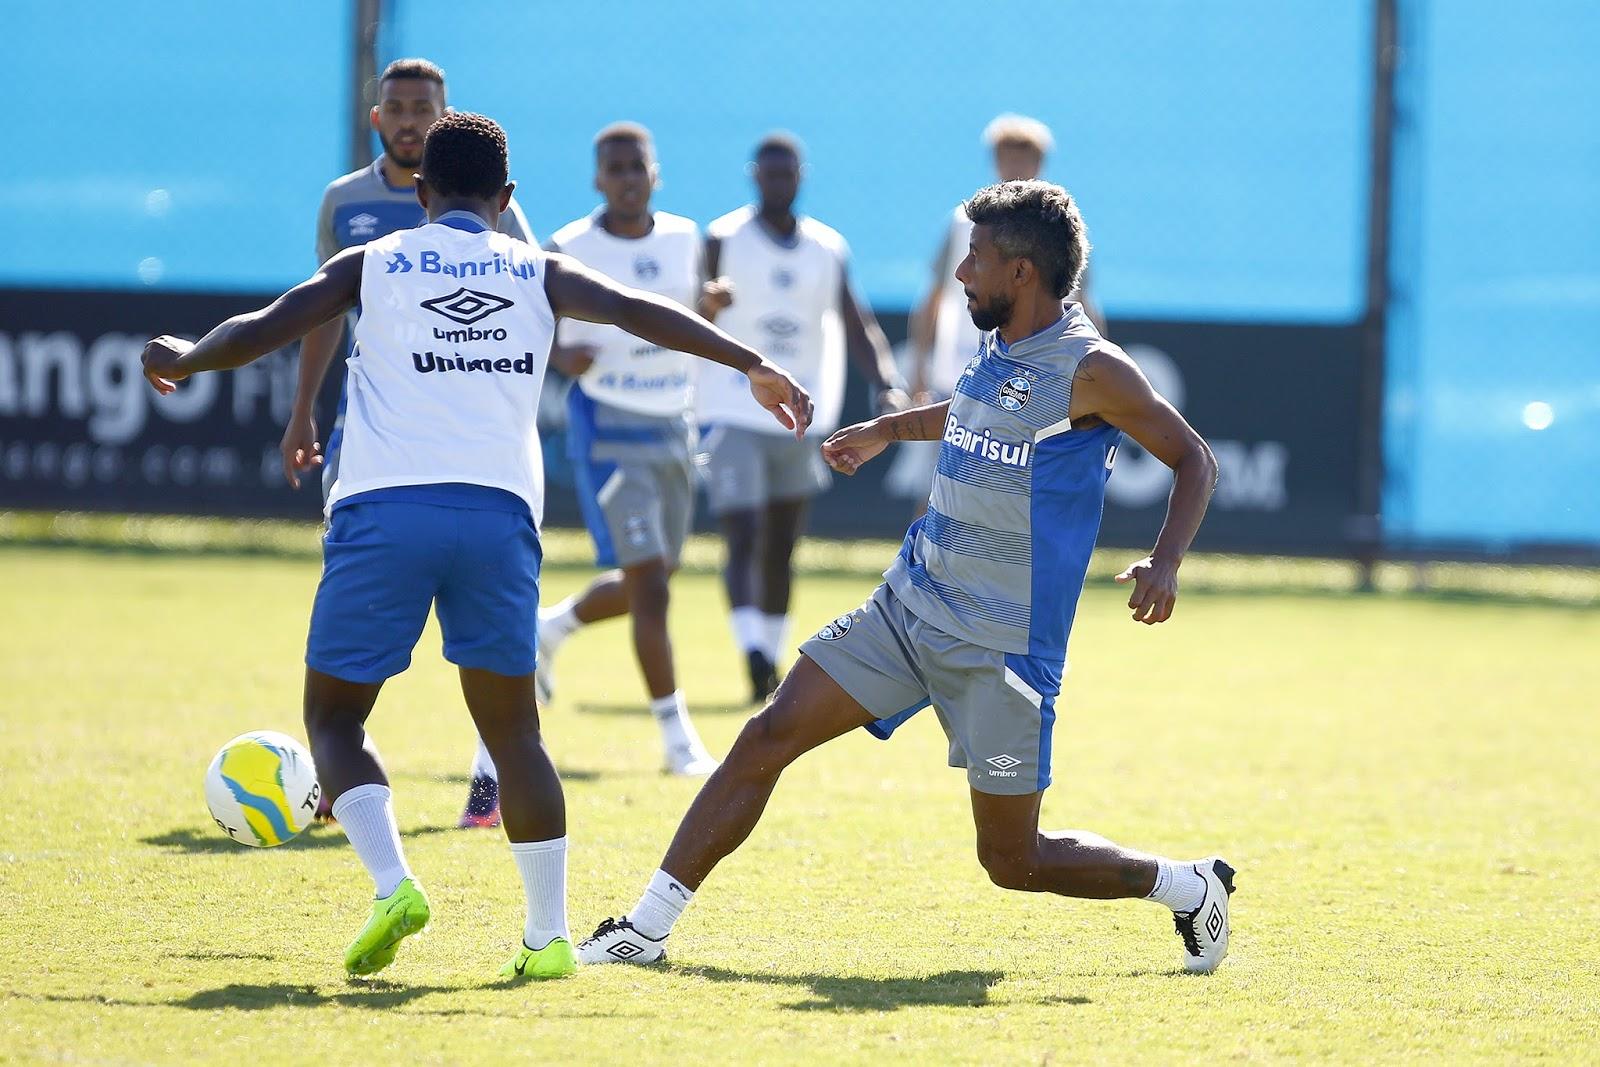 Léo Moura deve ser titular do Grêmio neste jogo (Foto: Lucas Uebel/Divulgação)